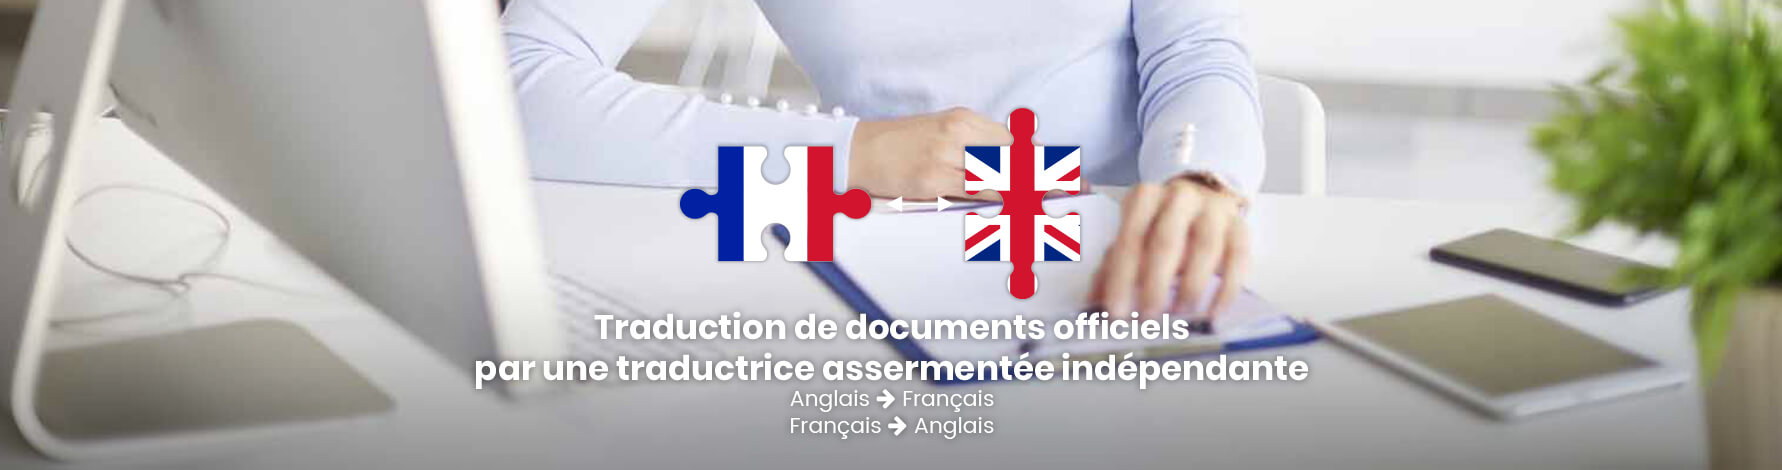 Traduction de documents officiels